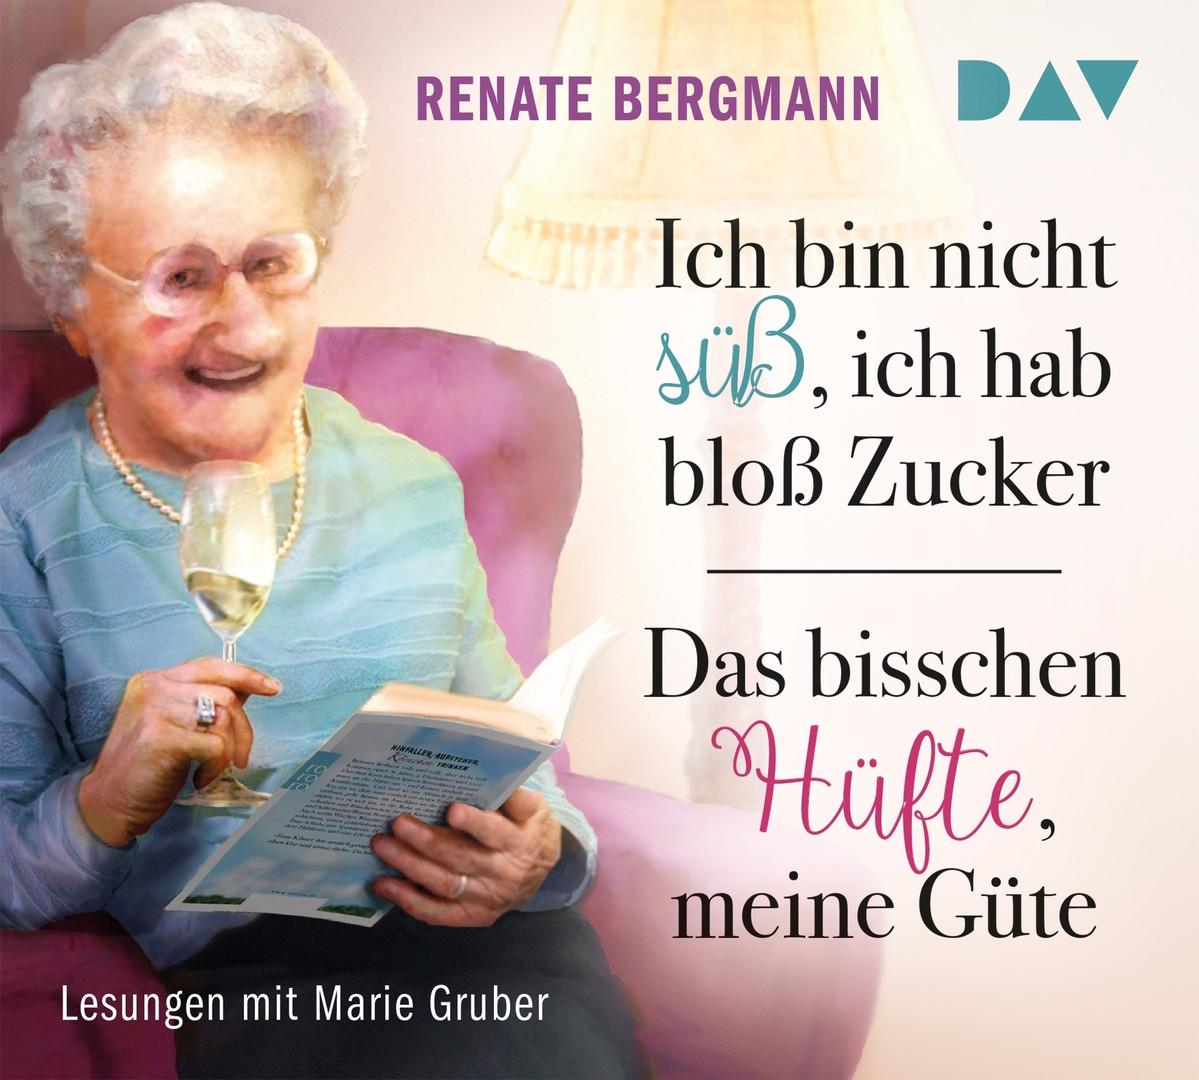 Renate Bergmann - Ich bin nicht süß, ich hab bloß Zucker / Das bisschen Hüfte, meine Güte